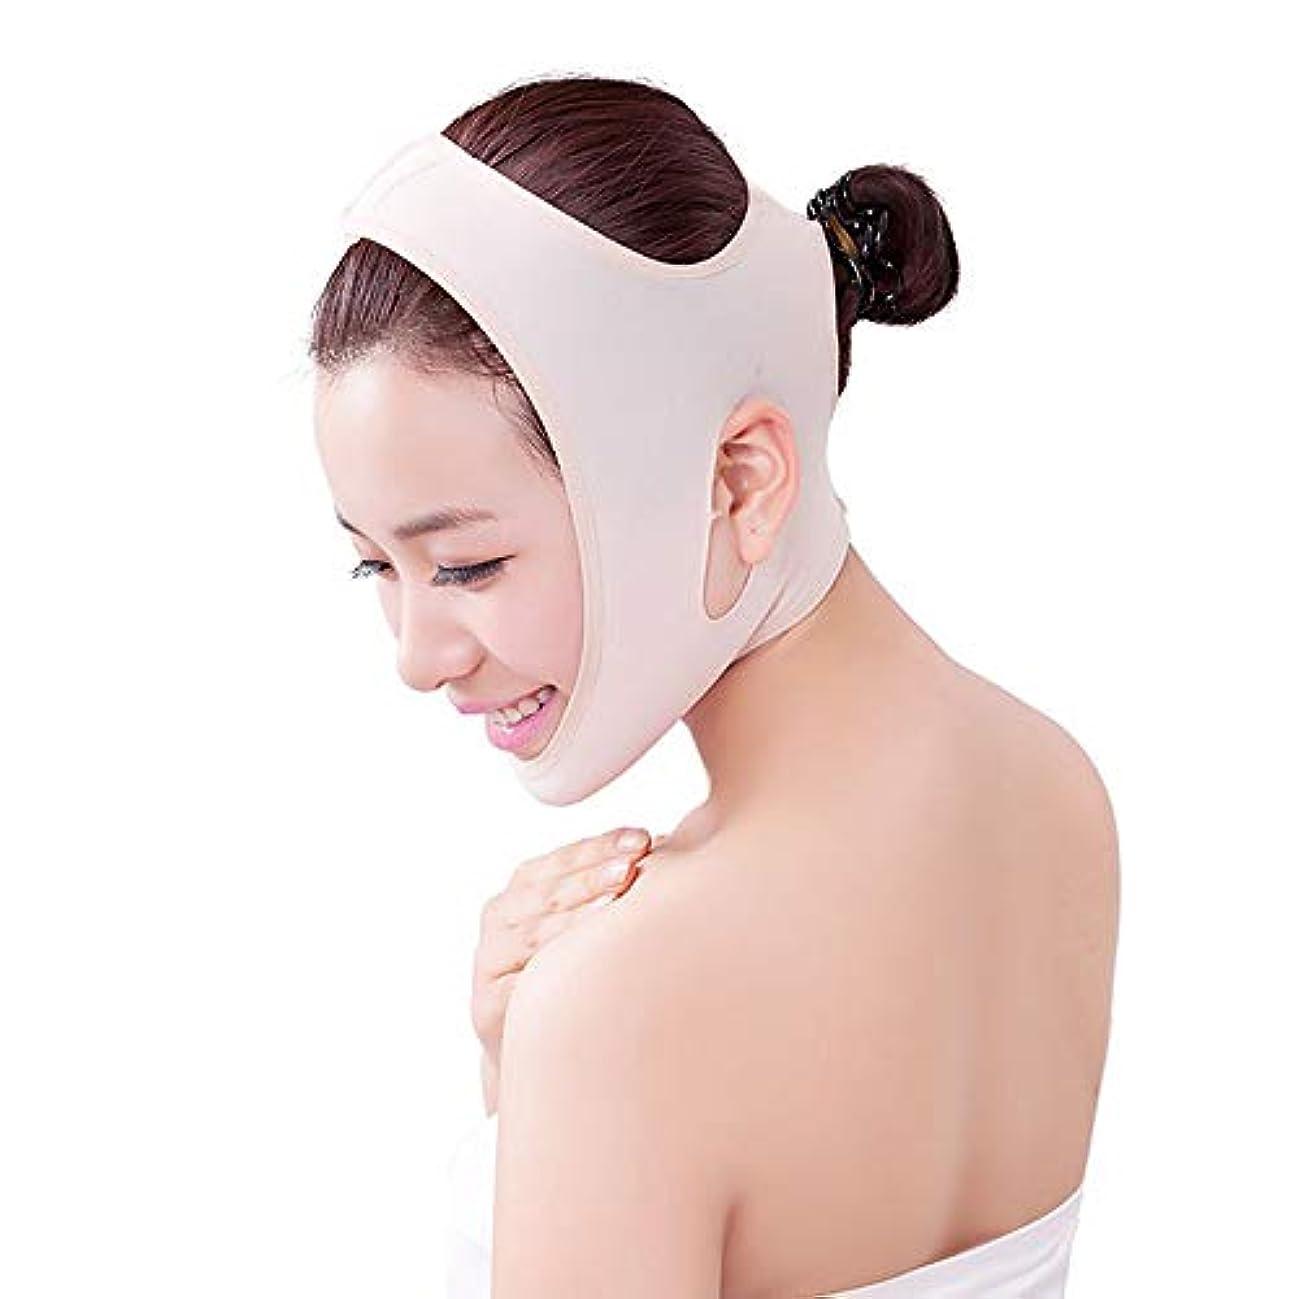 キリマンジャロ封筒建築Minmin 顔の持ち上がる痩身ベルト - アンチエイジングリンクルフェイスマスクベルトあなたの顔のためのすばらしい試し二重あごの試し みんみんVラインフェイスマスク (Size : L)